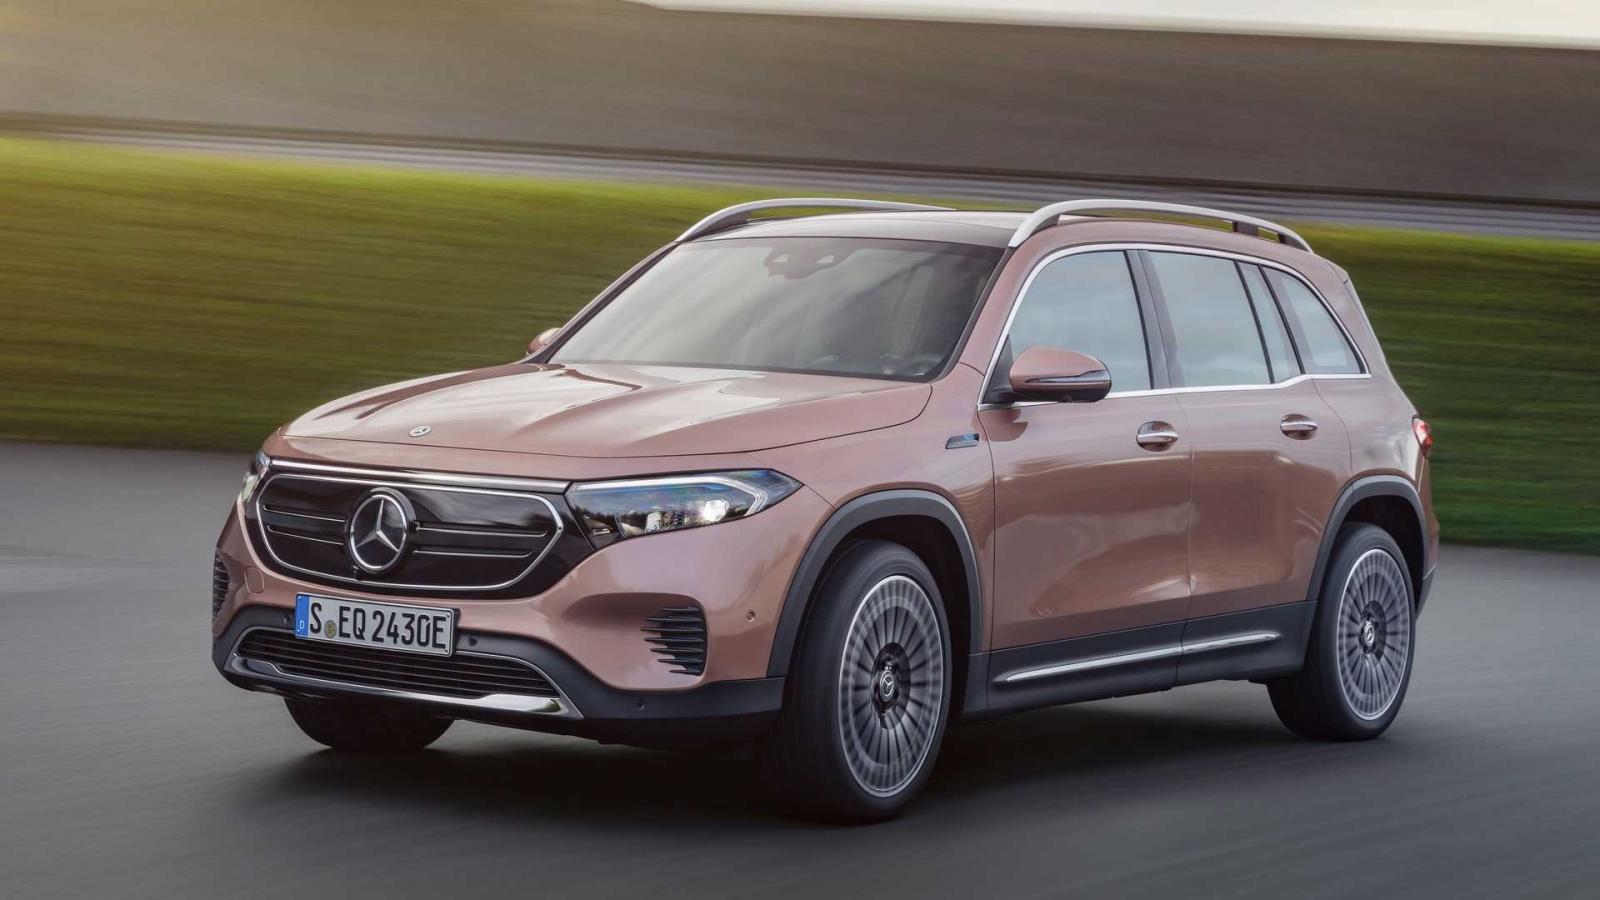 Crossover chạy điện Mercedes-Benz EQB ra mắt khách hàng tại Mỹ và châu Âu